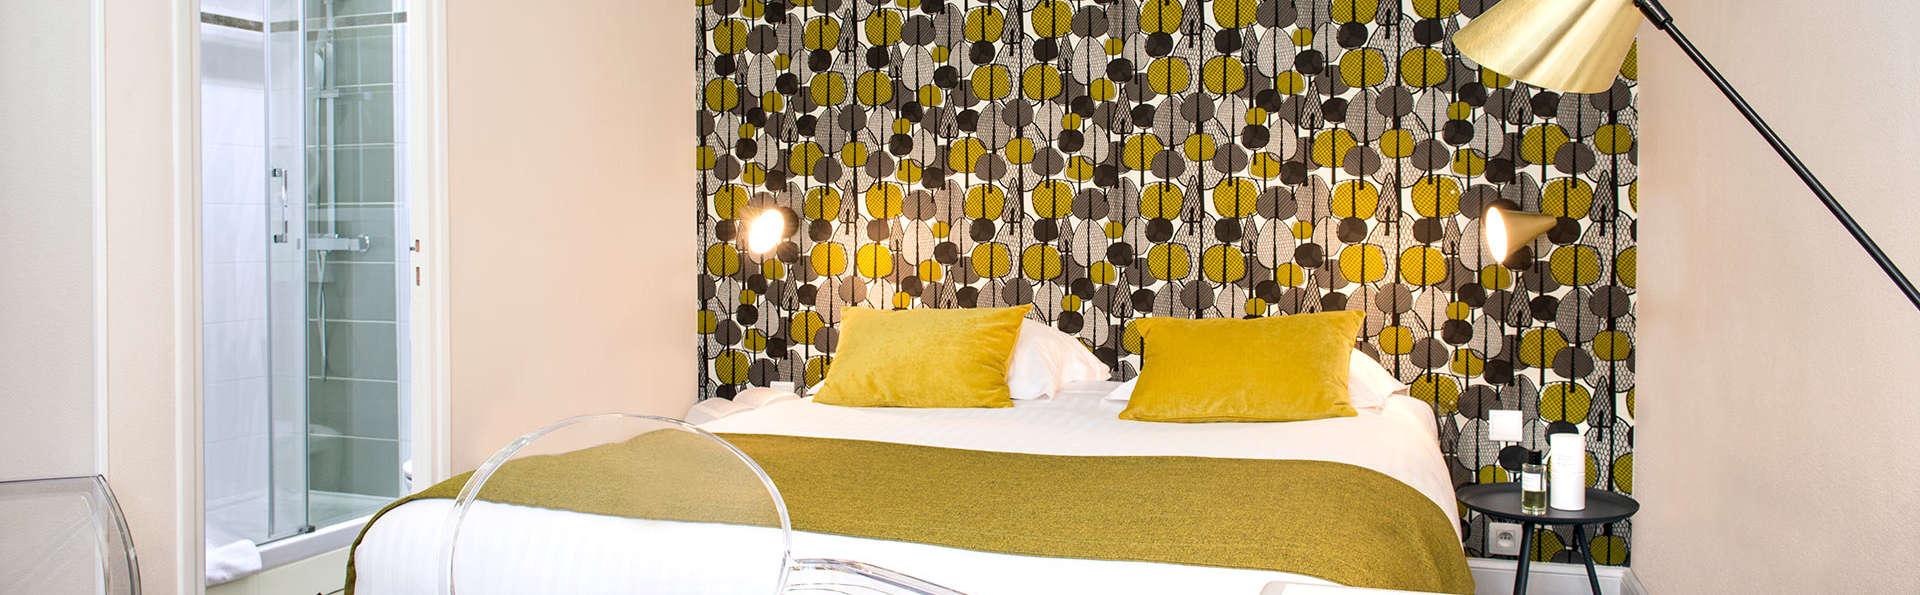 The Originals Boutique, Hôtel Les Nations, Vichy (Inter-Hotel) - Edit_Classic4.jpg